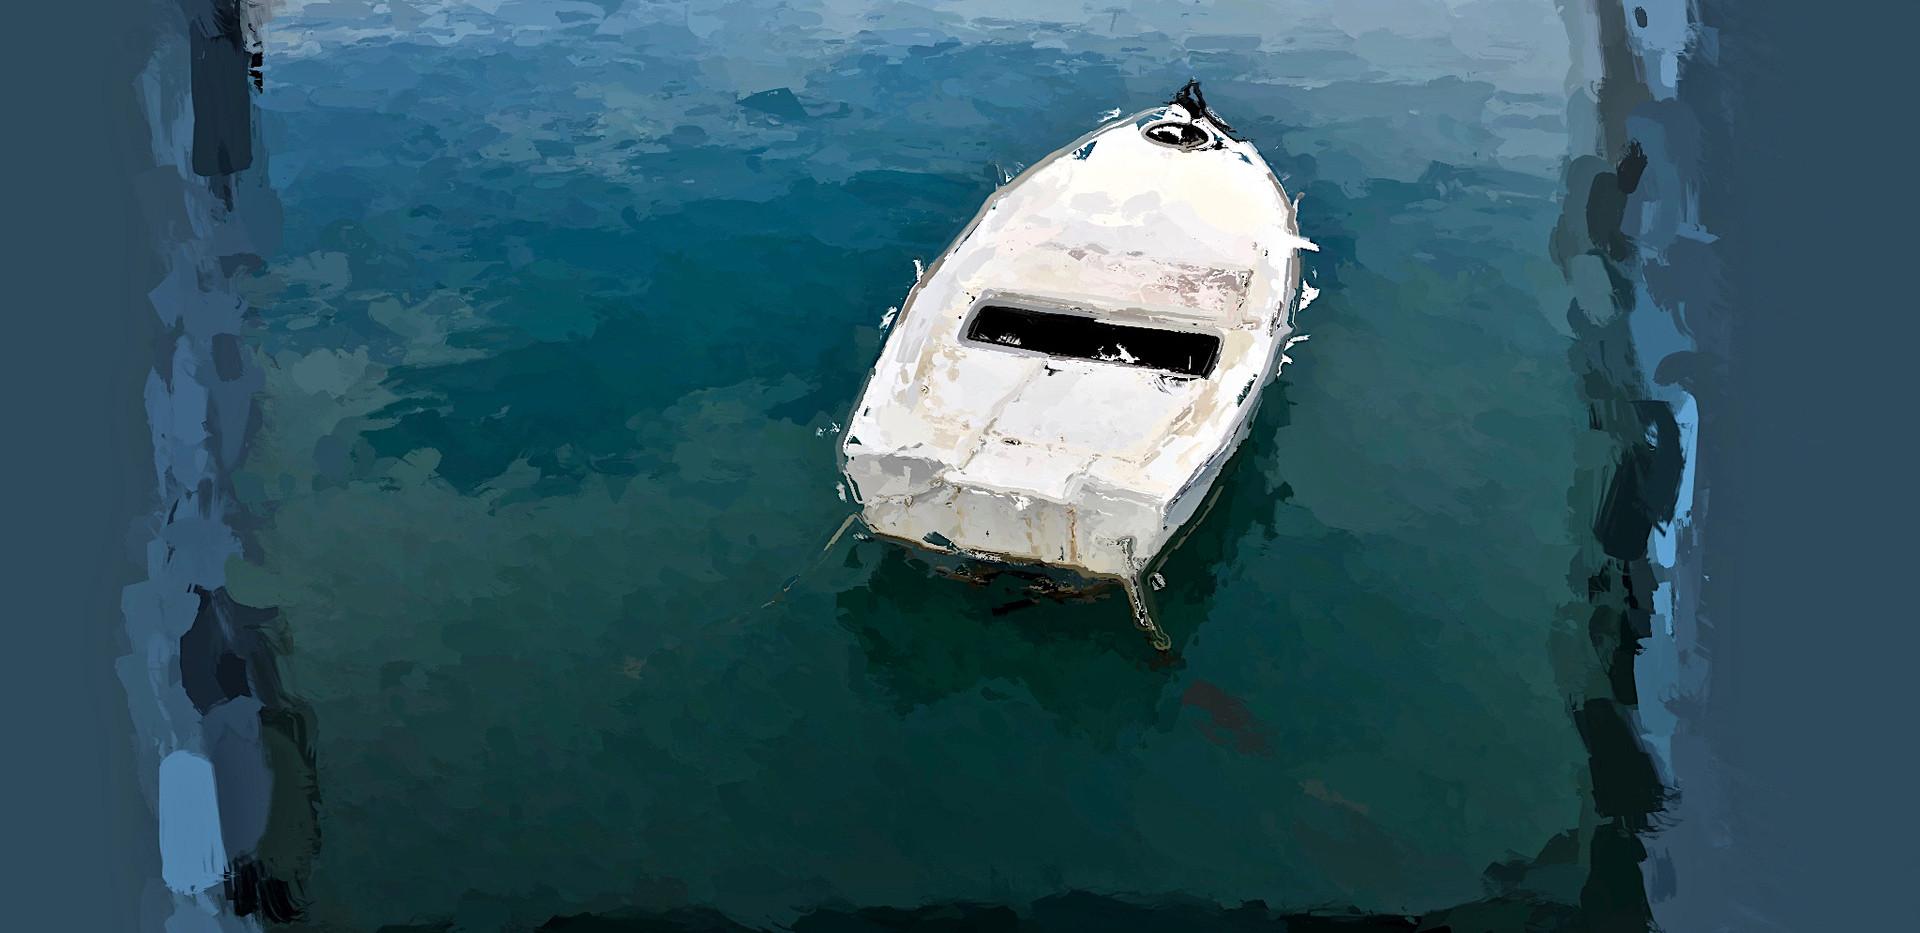 Nafplia Boats #1.jpg